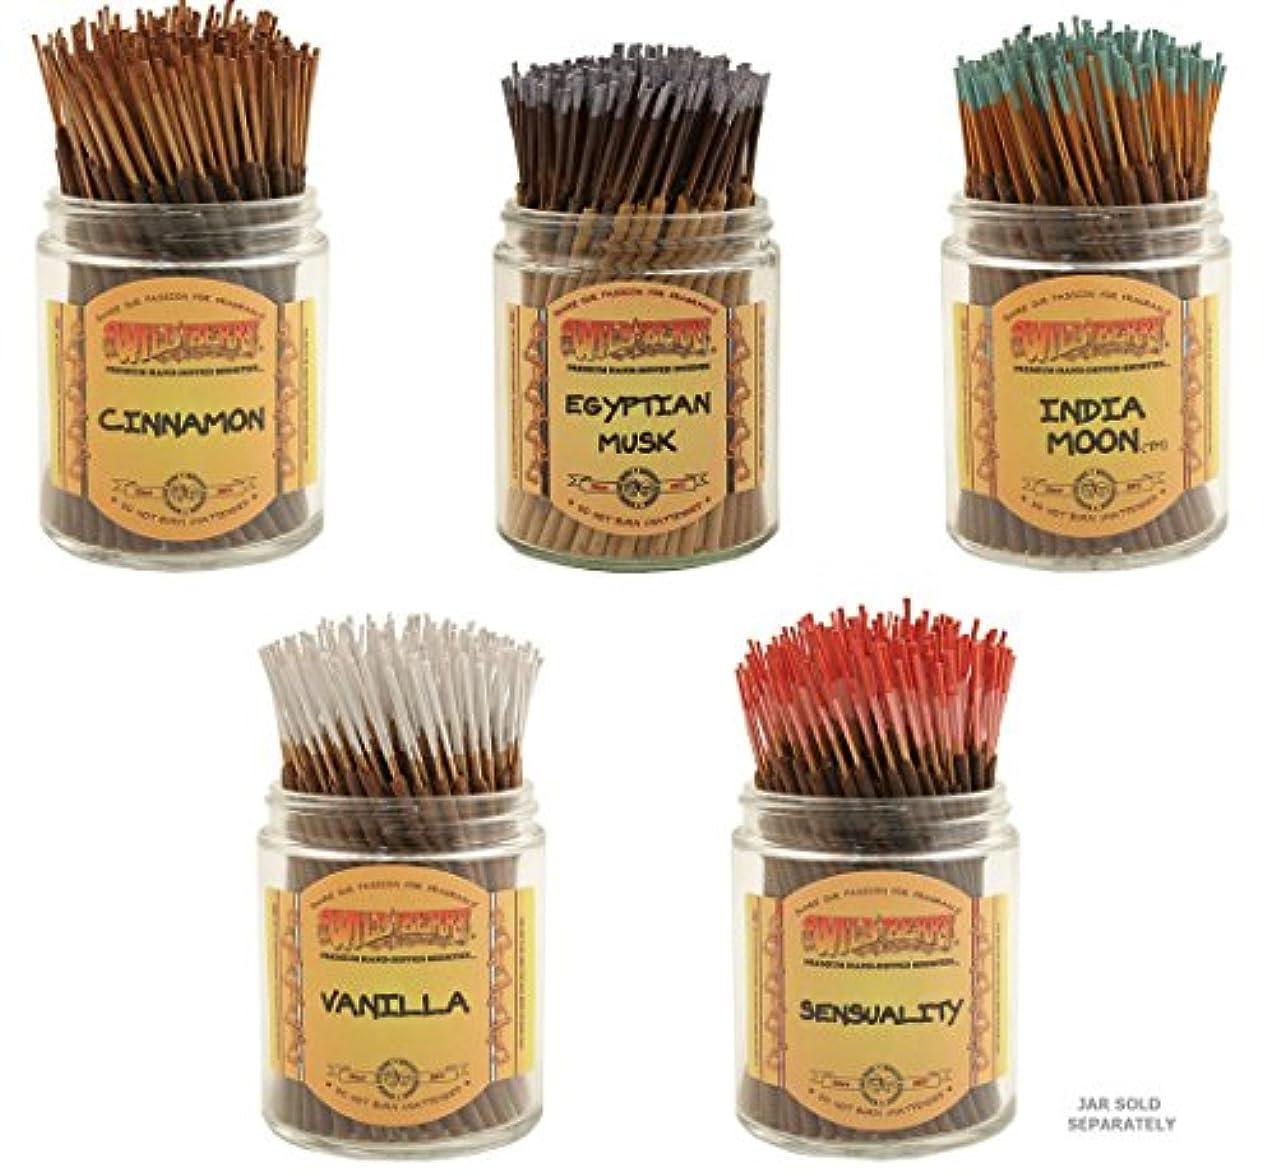 岩テクスチャーあいまいなWildberry Short Incense Sticks – Set of 5秋Fragrances – シナモン、エジプトムスク、インドMoon、Sensuality、バニラ(100各パック、合計500 Sticks)